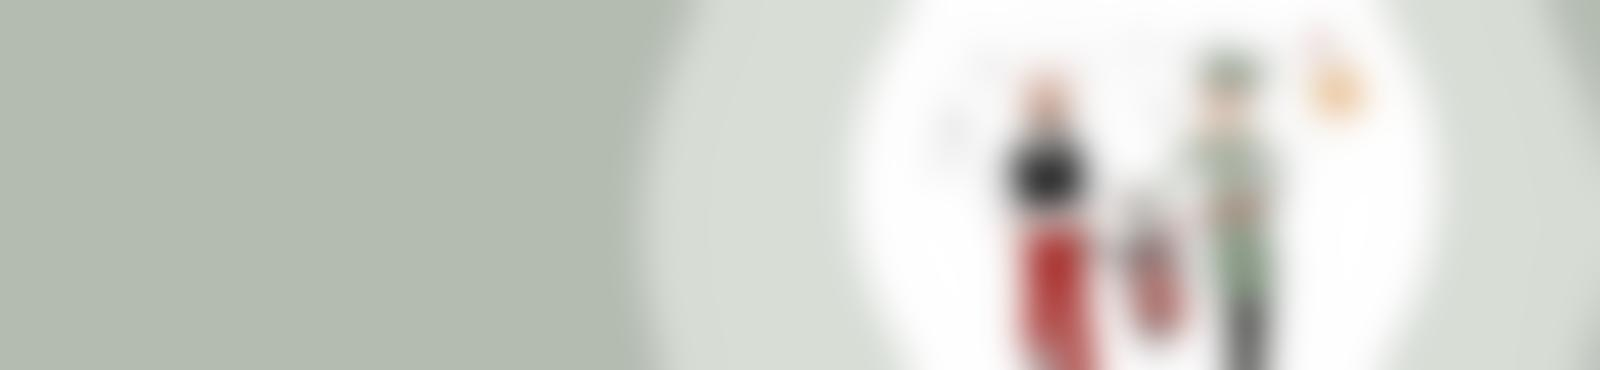 Blurred 692aff09 89ca 4b98 b517 93f03e5cdb2f